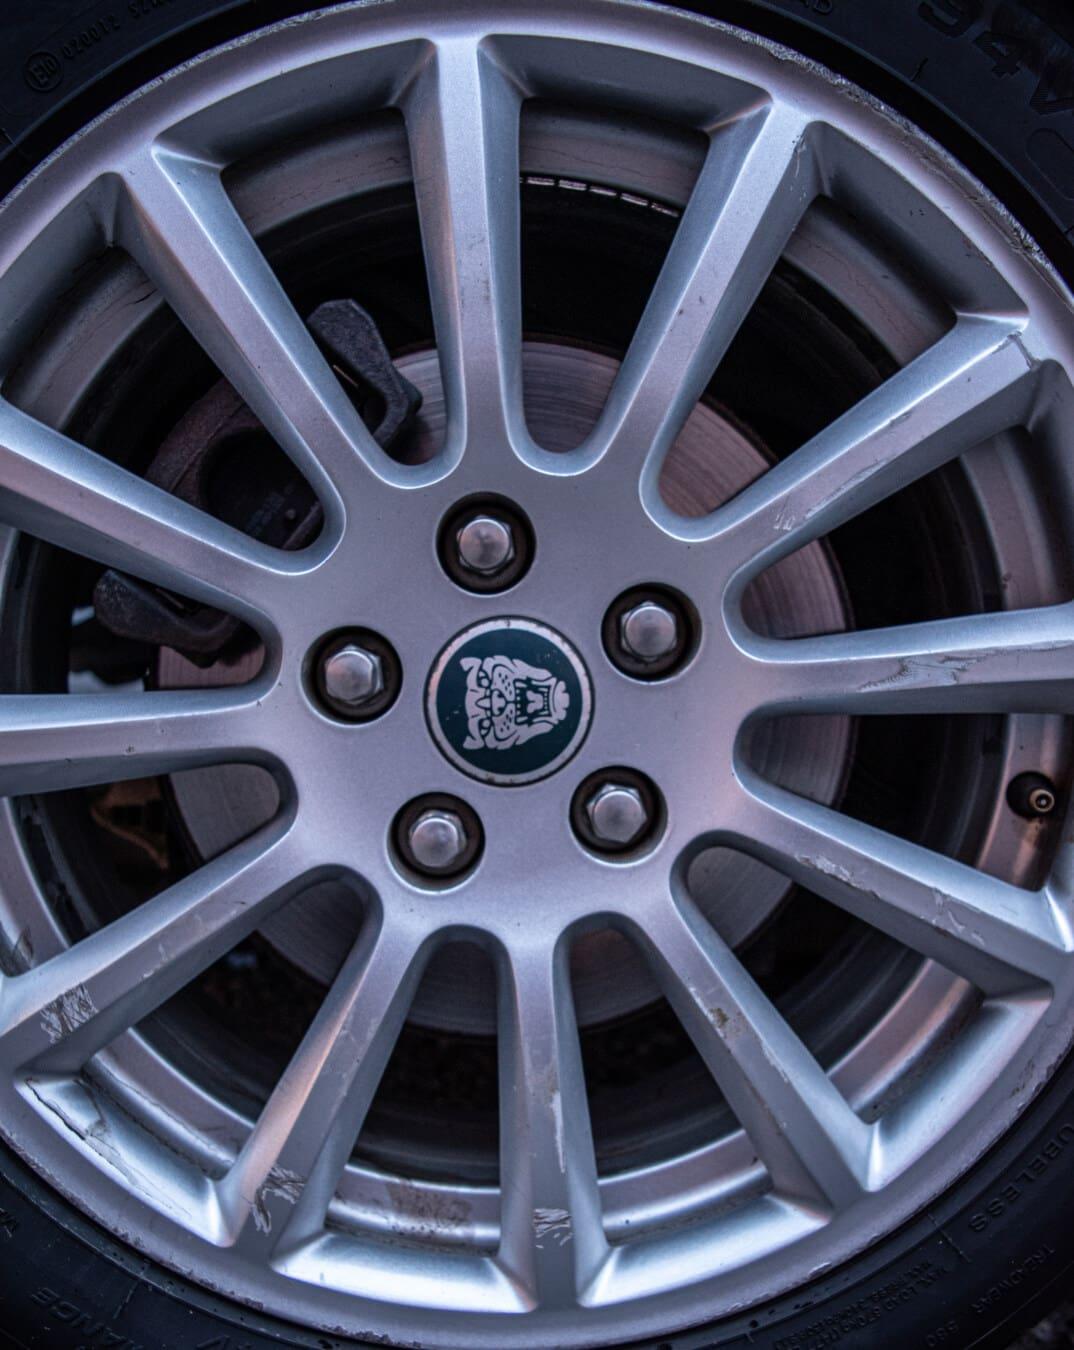 roue, pneu, machine, chrome, technologie, voiture, automobile, jante, en acier, en détail